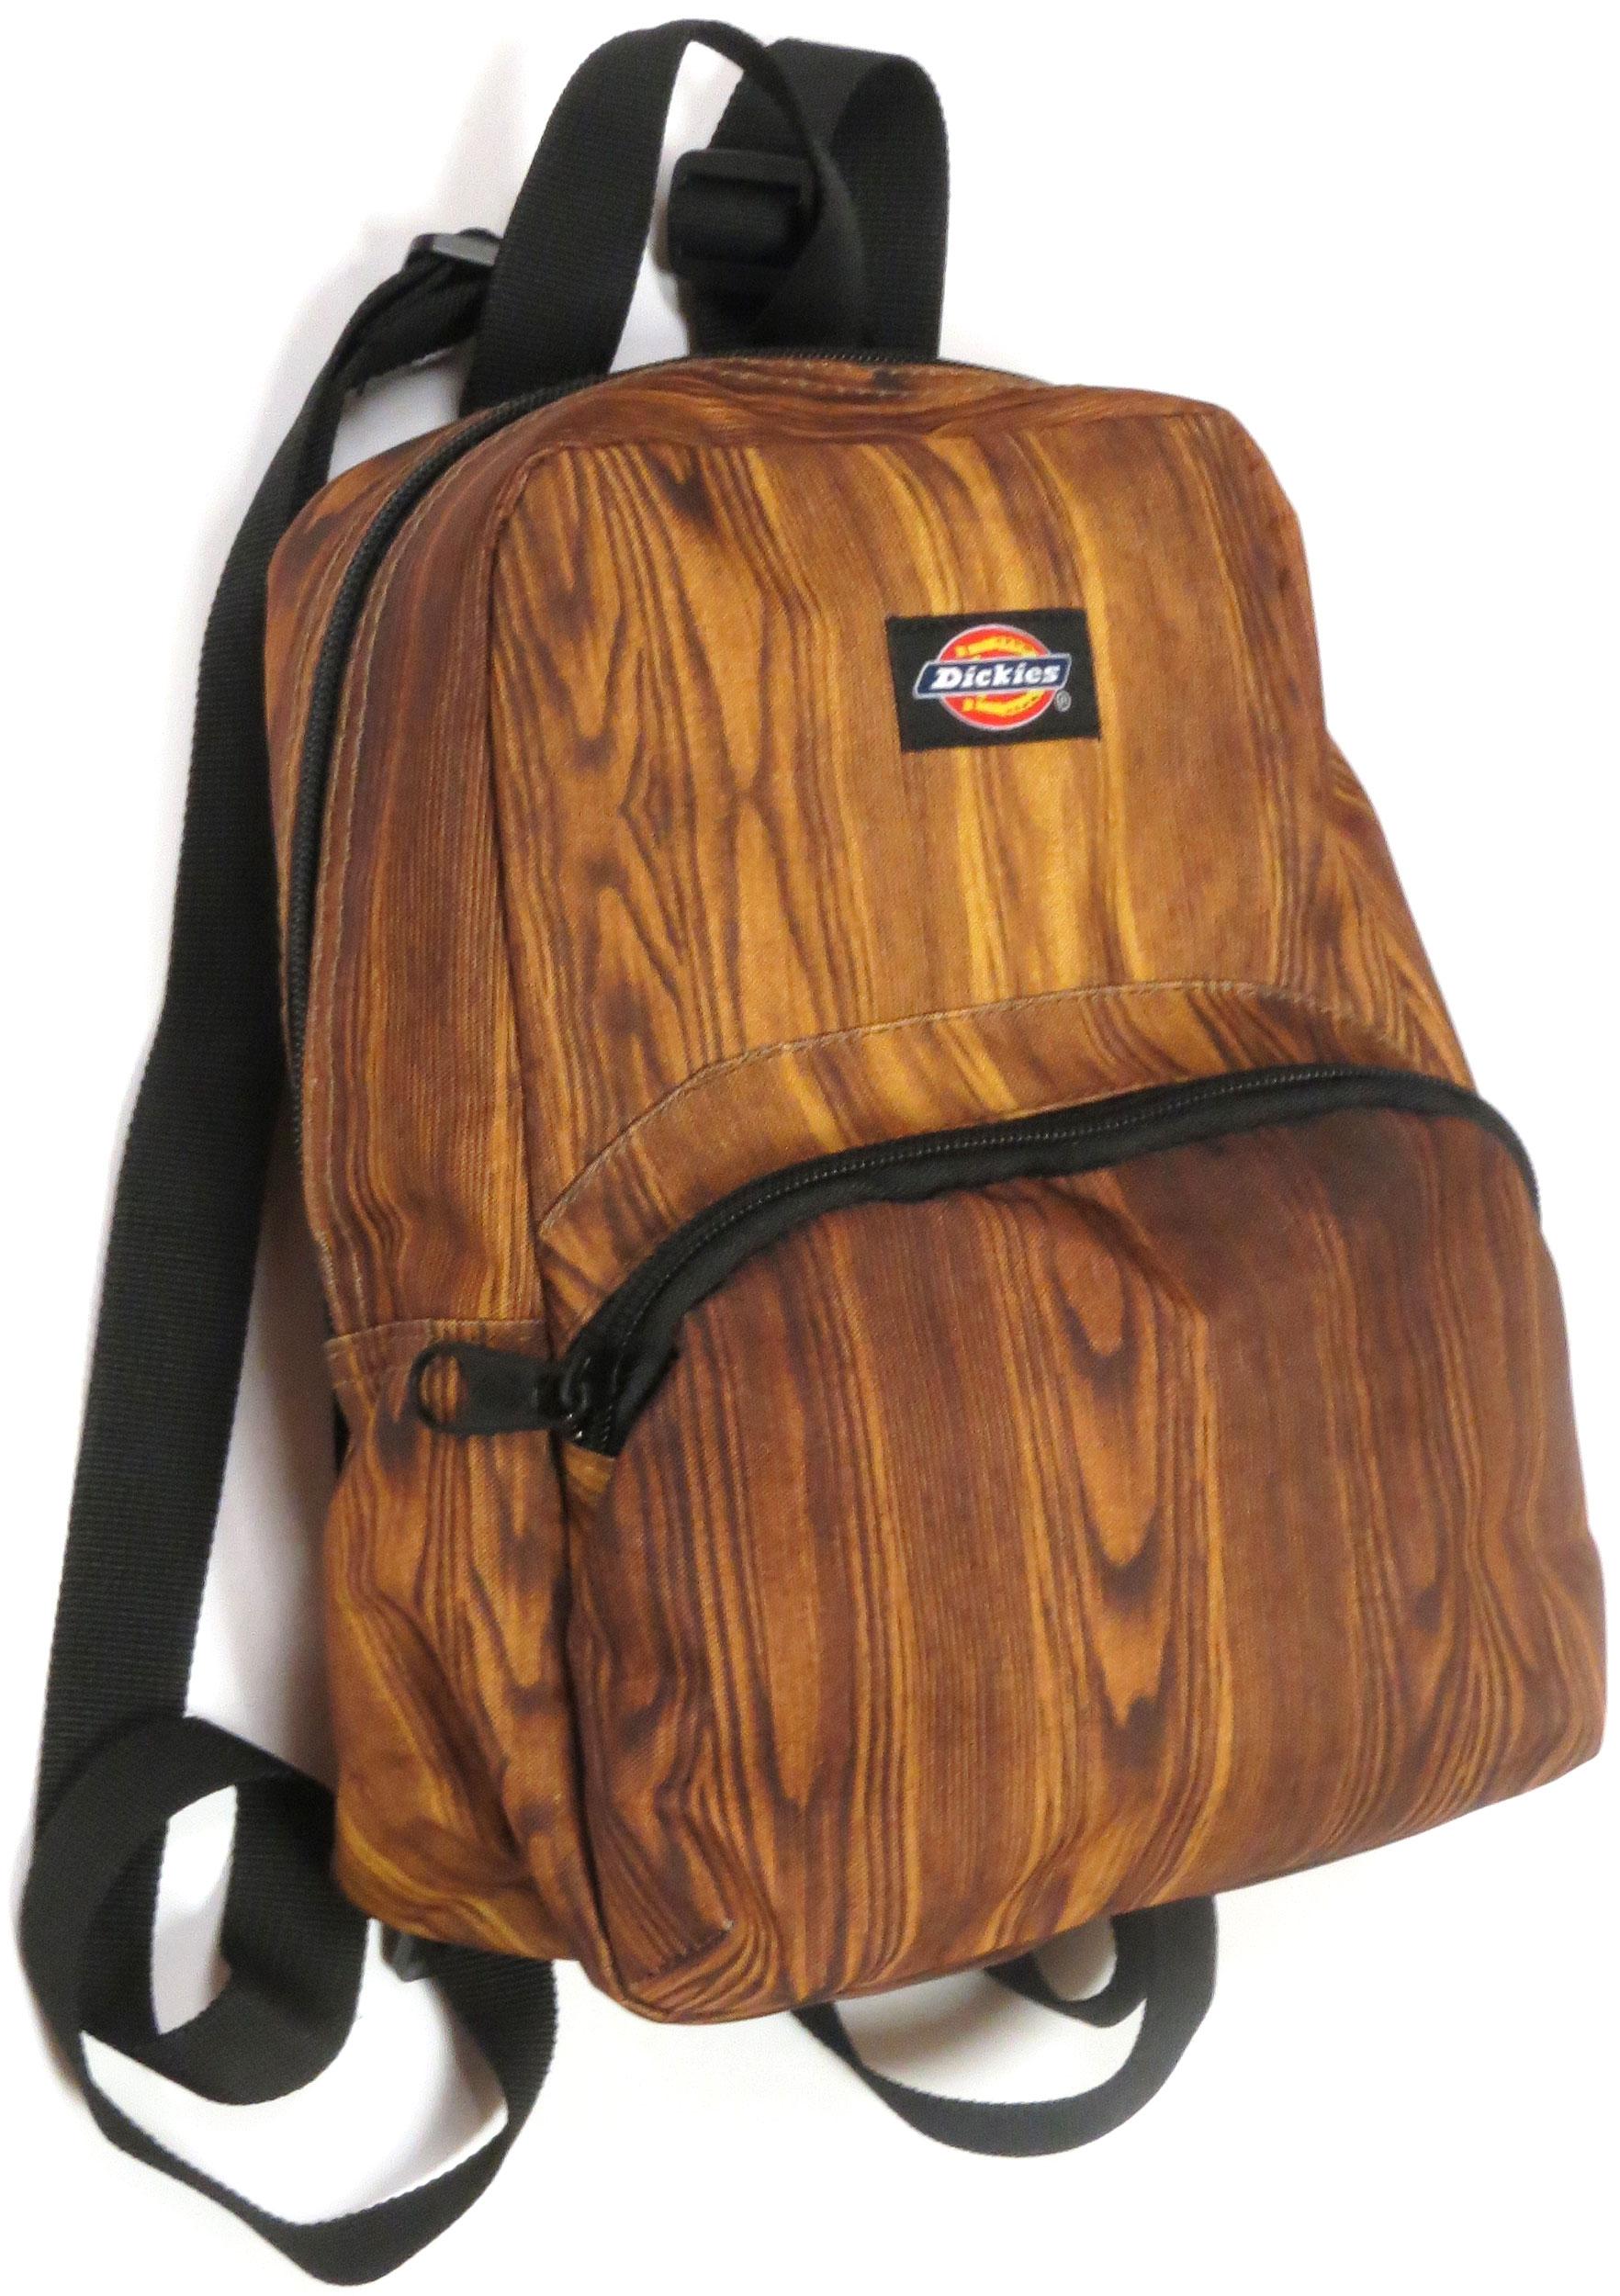 Dickies Backpacks